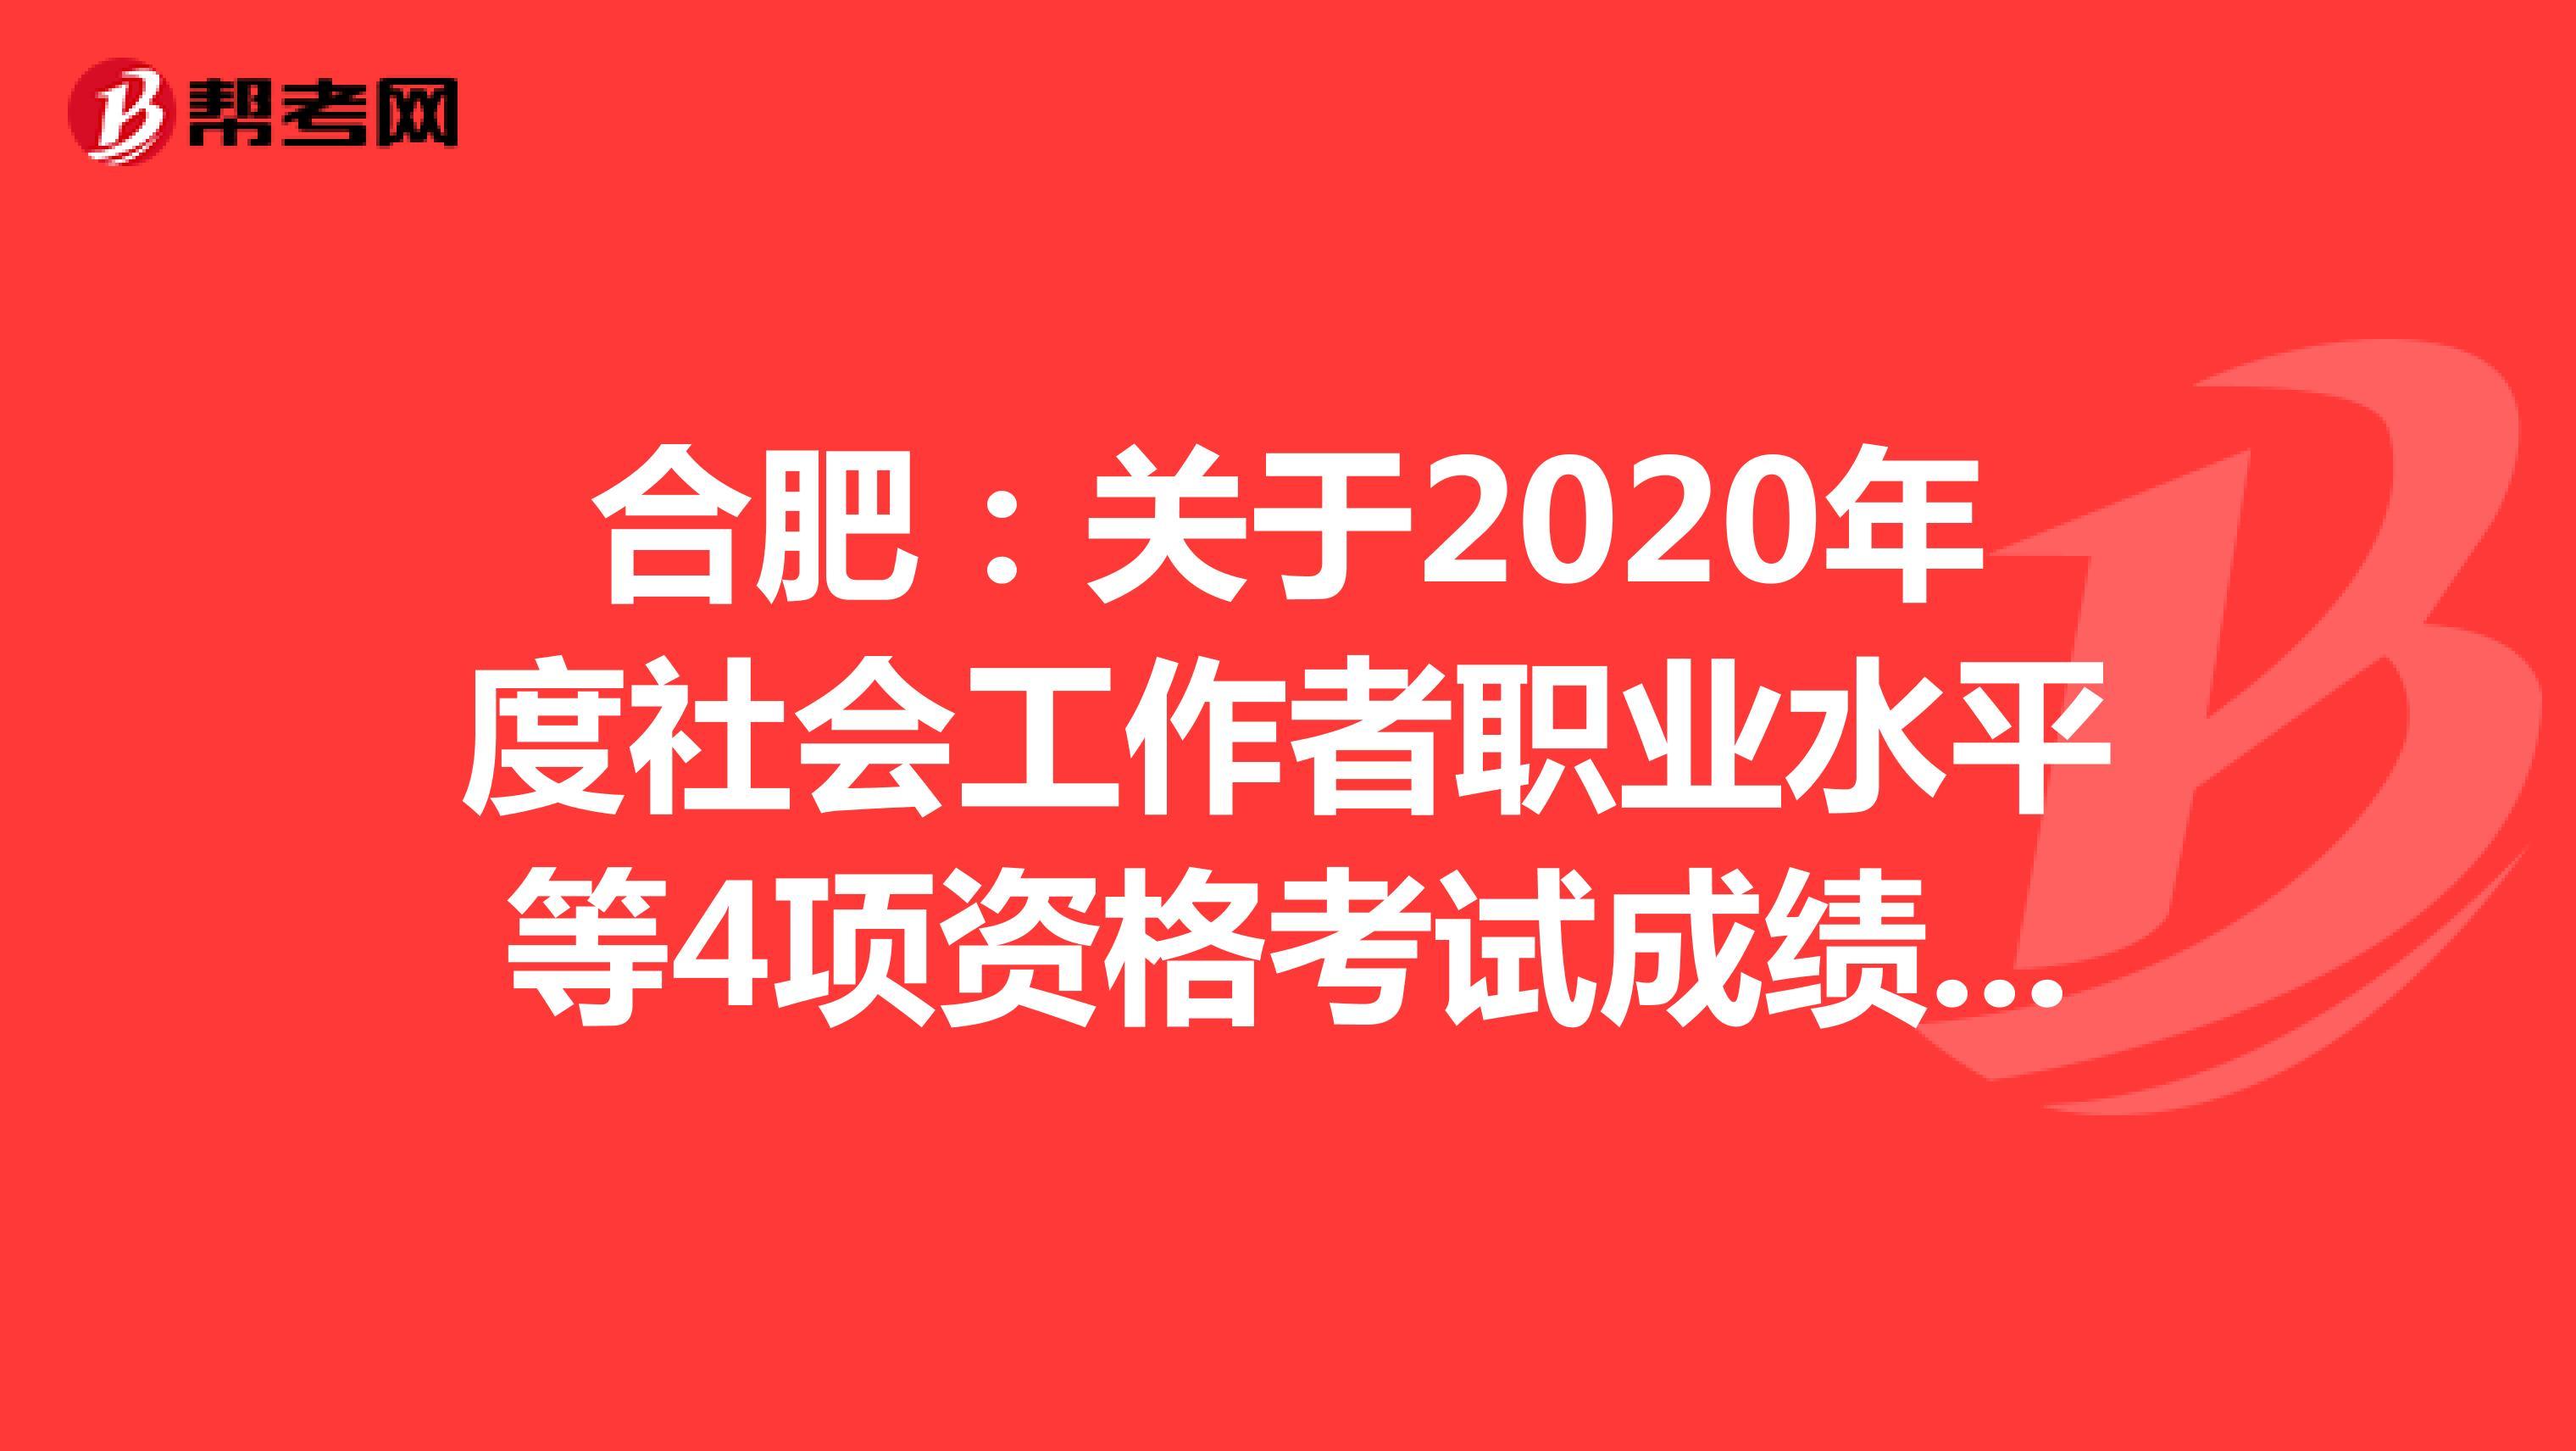 合肥:关于2020年度社会工作者职业水平等4项资格考试成绩合格人员抽查的通知